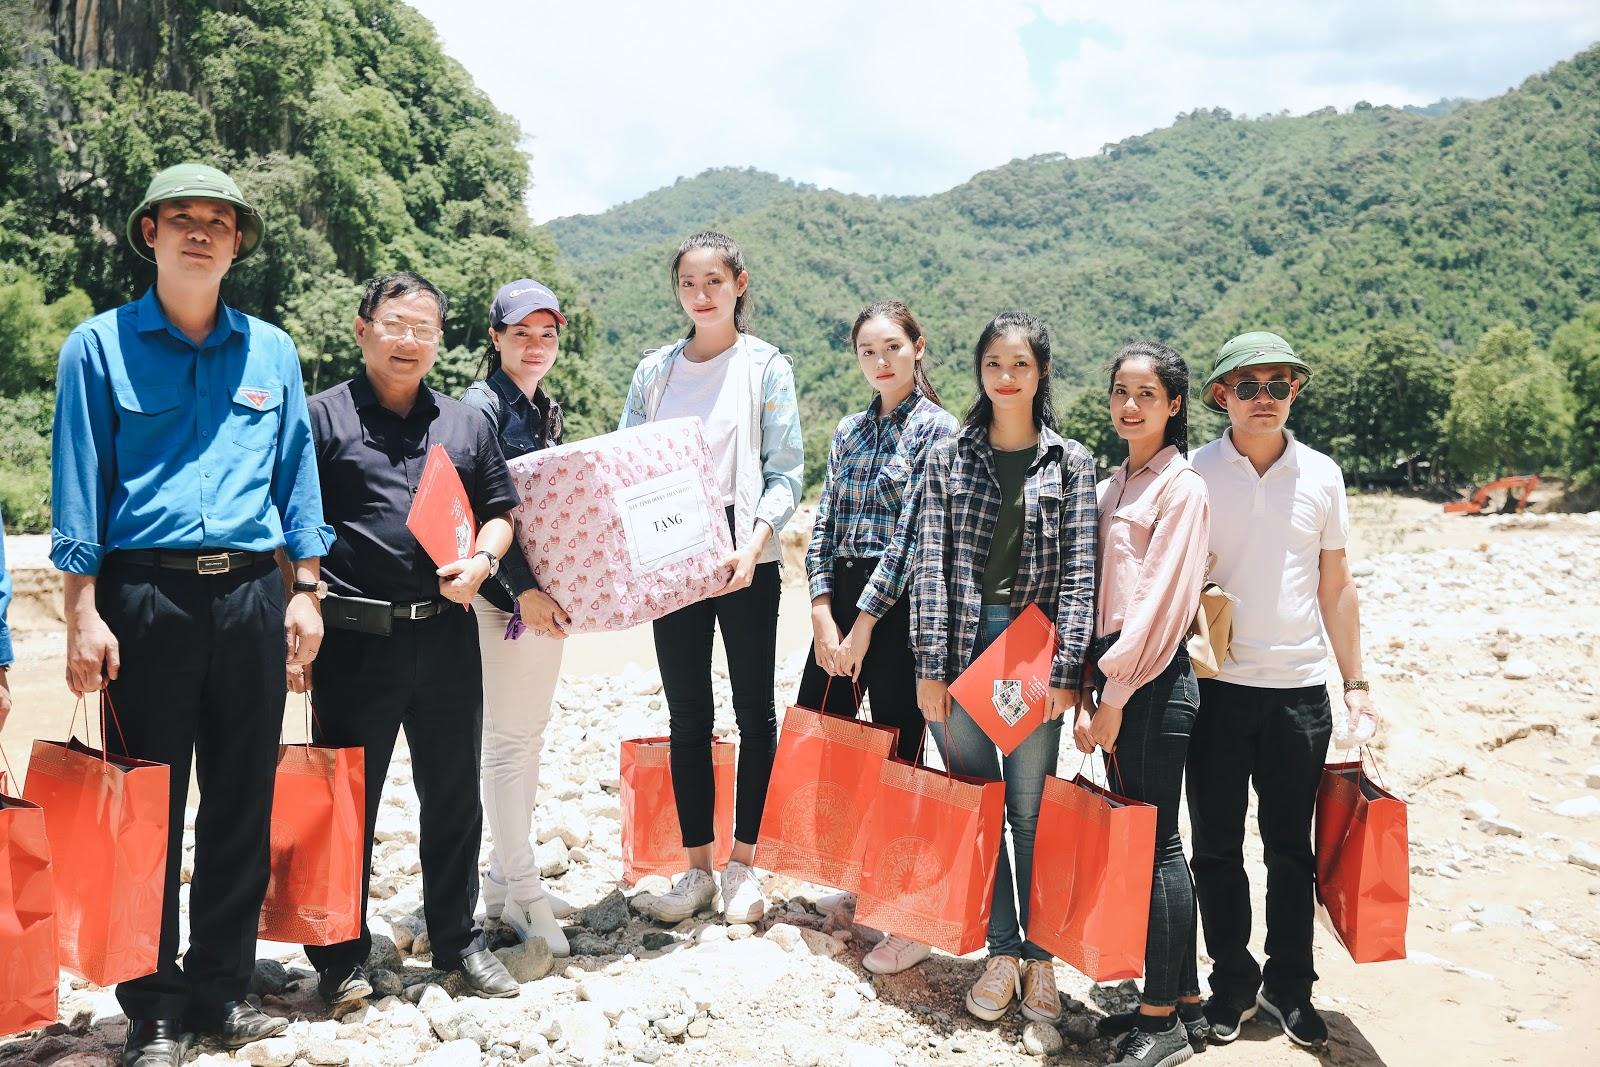 Hoa hậu Thuỳ Linh, Á hậu Kiều Loan, Tường San giản dị vượt đường sạt lỡ đến thăm người dân vùng lũ - Hình 8